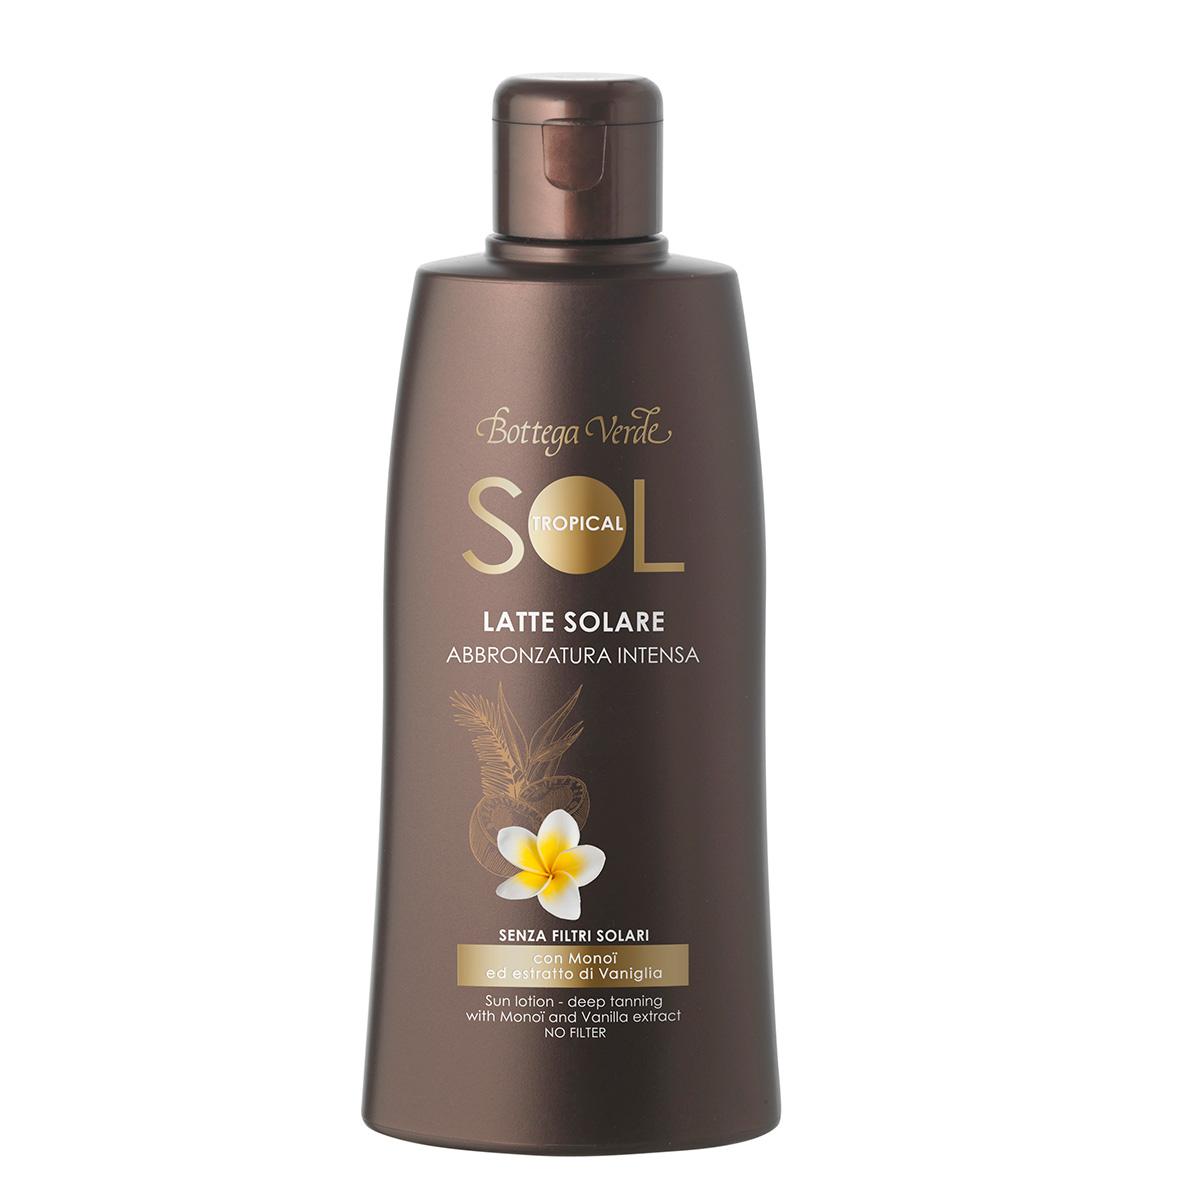 Protectie Solara - Lapte de corp pentru plaja, pentru un bronz aprins, fara protectie solara - cu ulei Monoi si extract de vanilie